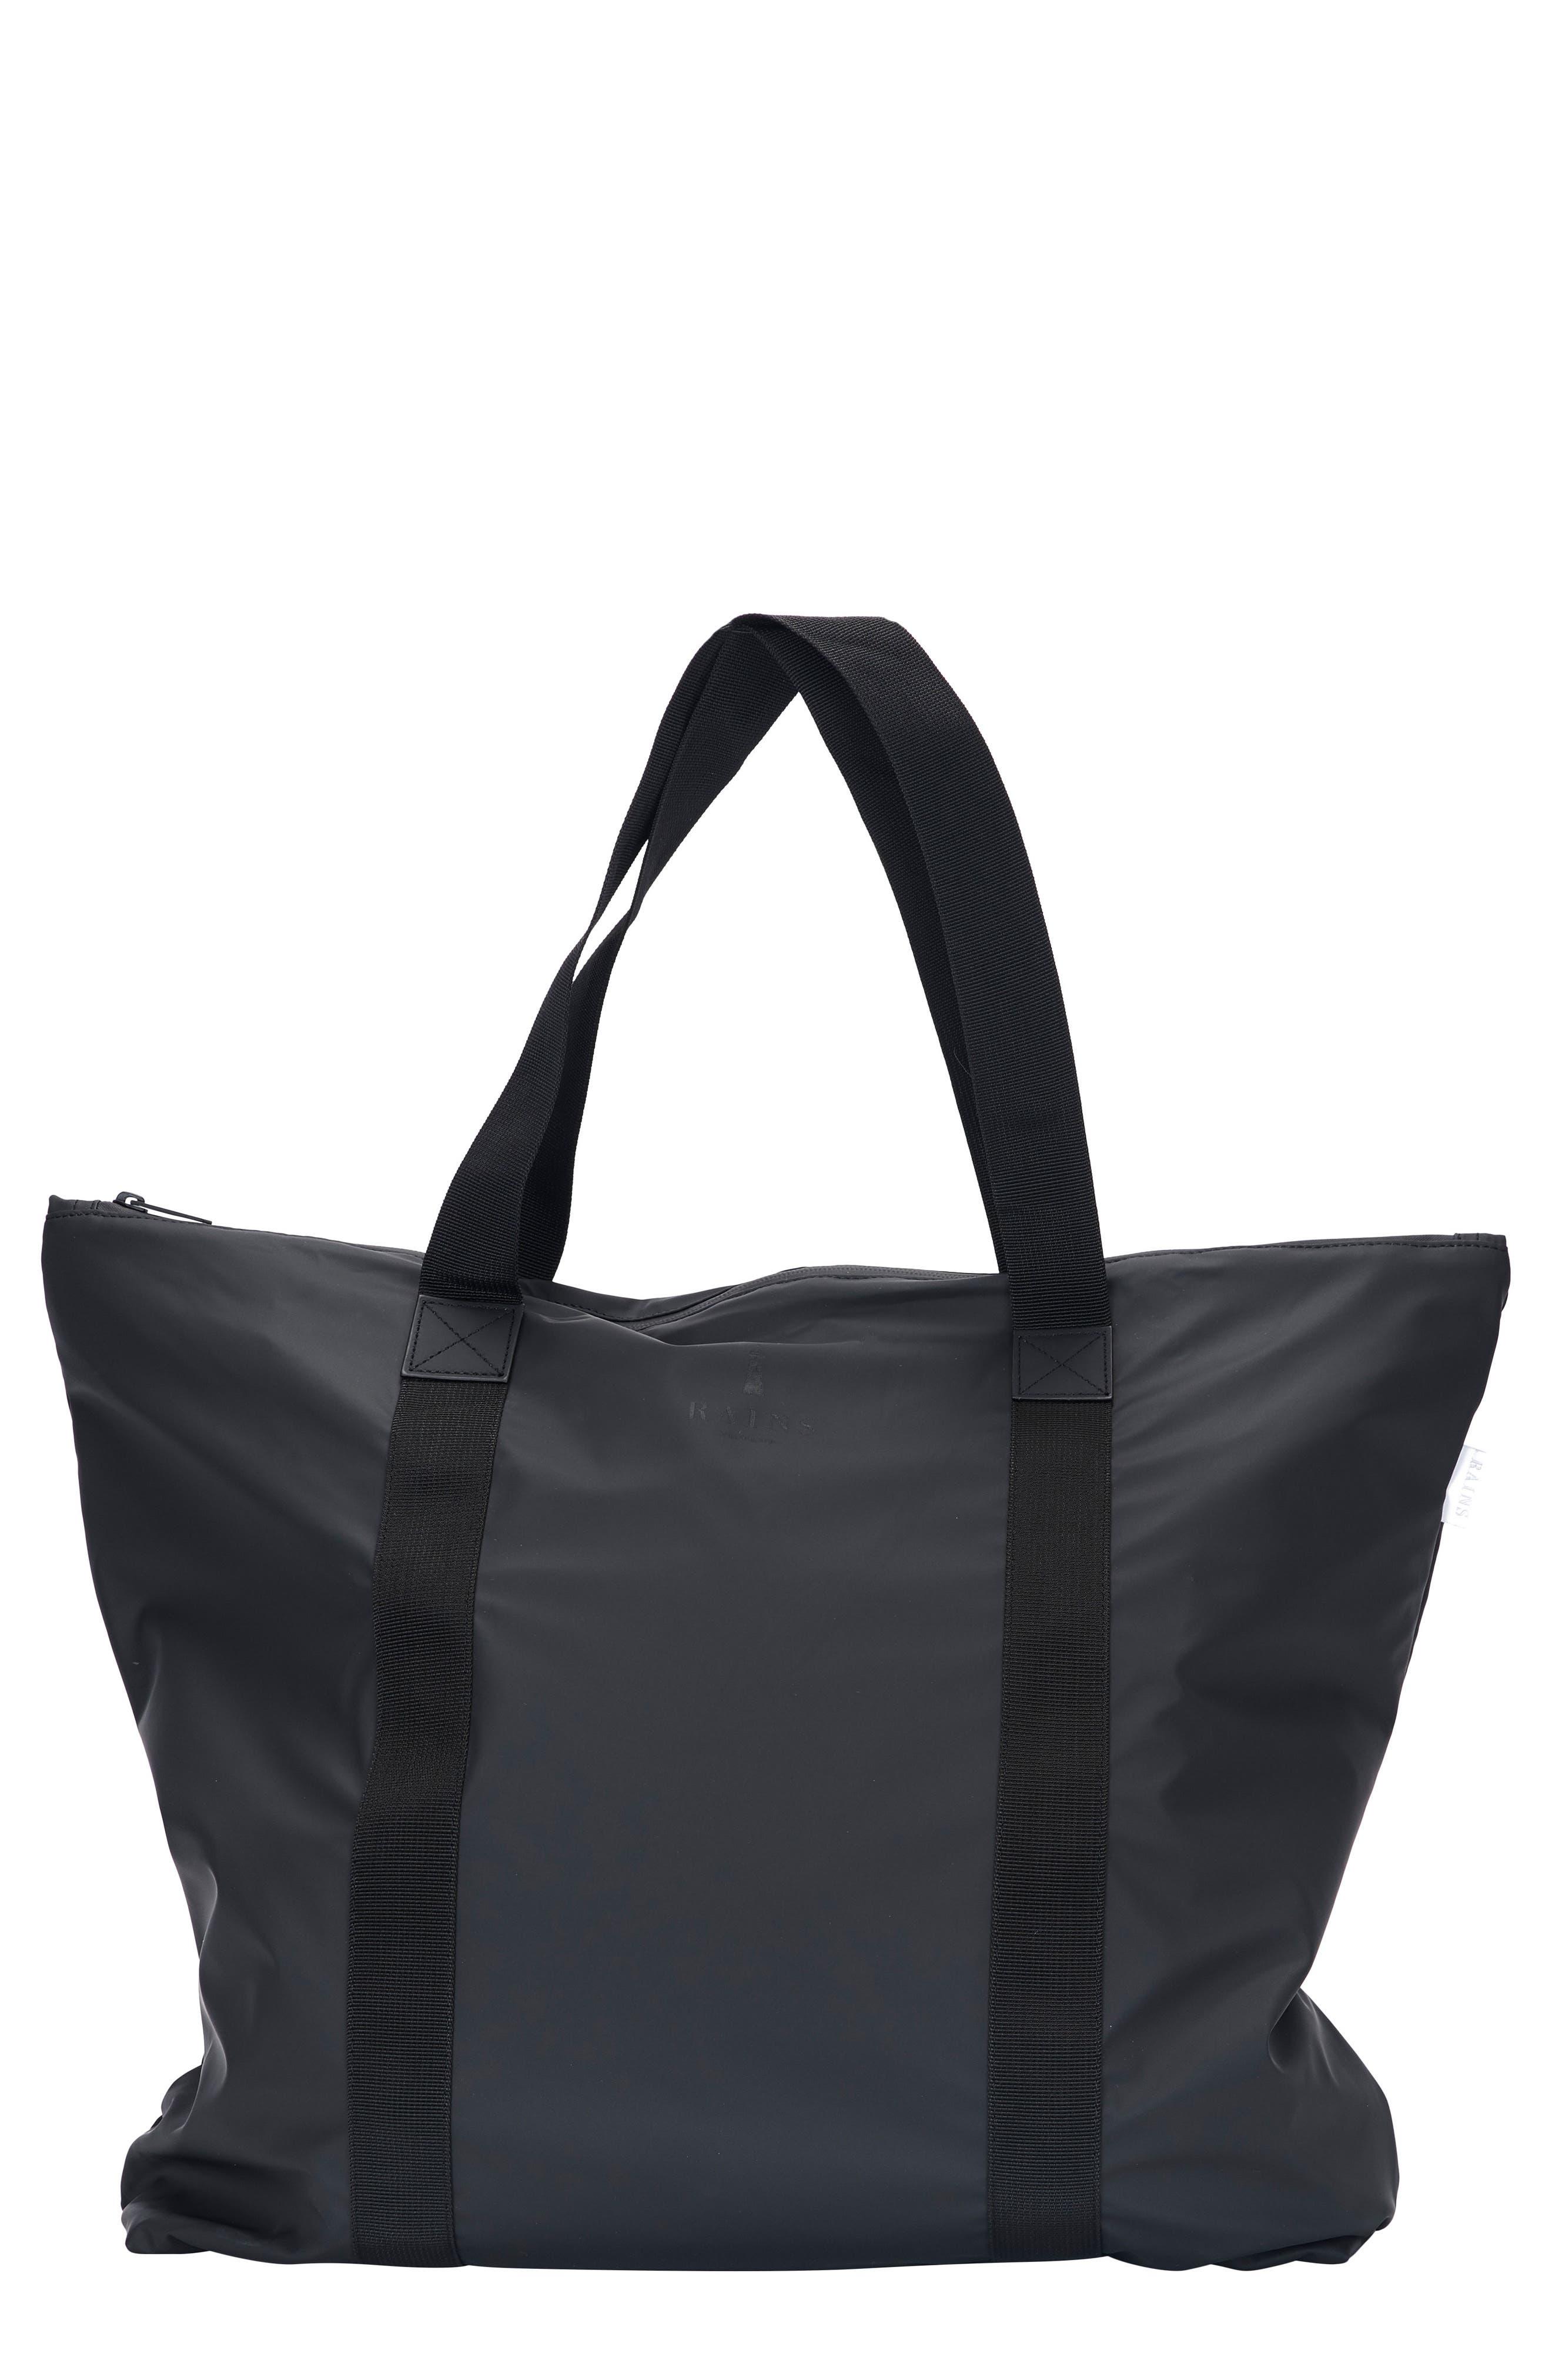 Waterproof Tote Bag,                         Main,                         color, BLACK